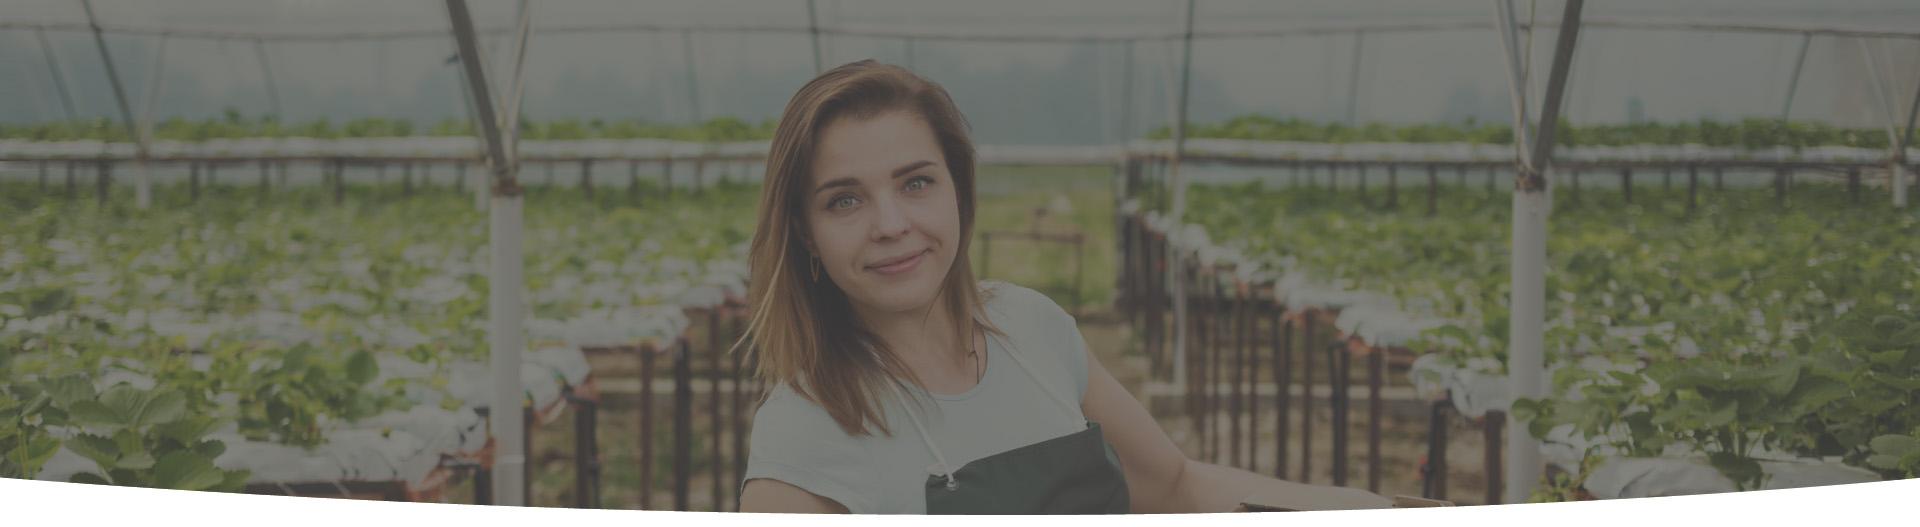 Contabilidade para Agronegócio em Goiânia - GO